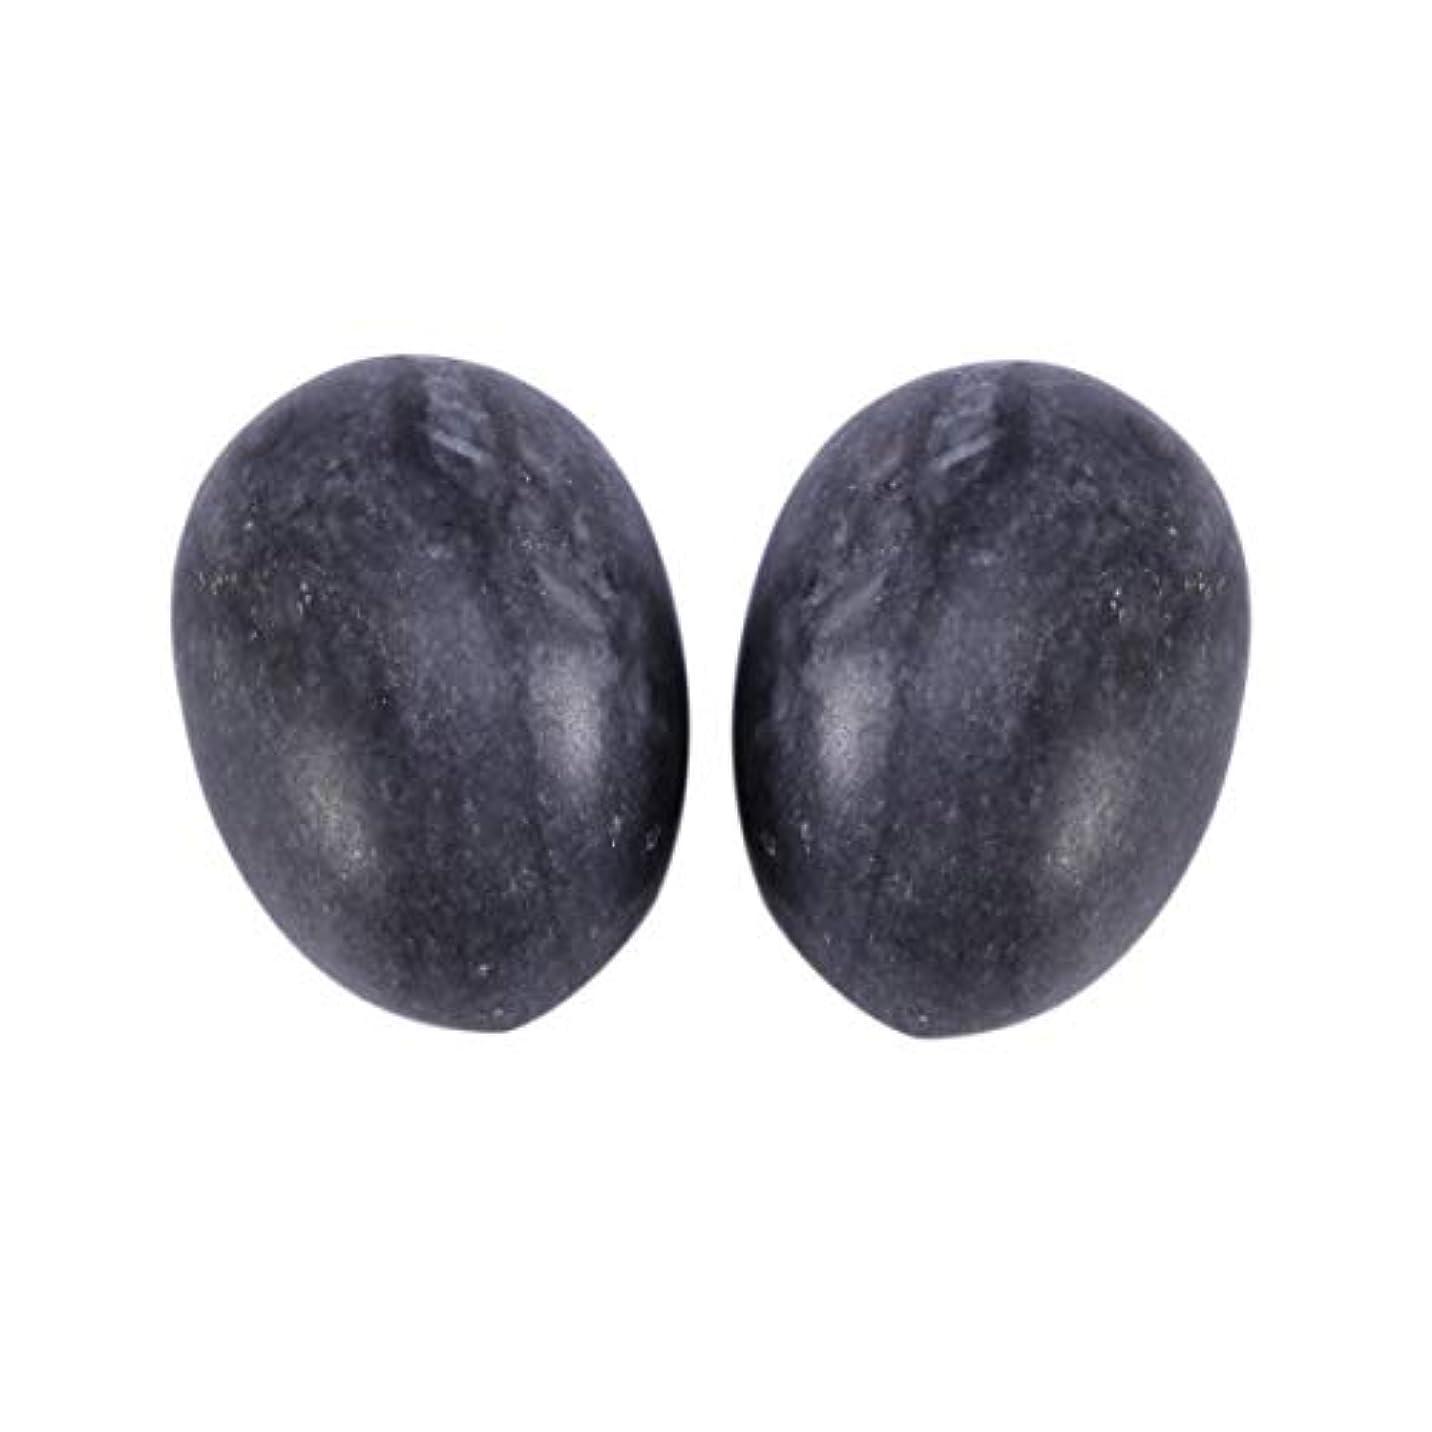 セグメントふさわしい普通のSUPVOX 6本ネフライトジェイドヨニエッグジェイドヨニマッサージストーンチャクラ骨盤筋肉癒しの卵マッサージケゲルエクササイズ(ブラックブルージェイドエッグ)